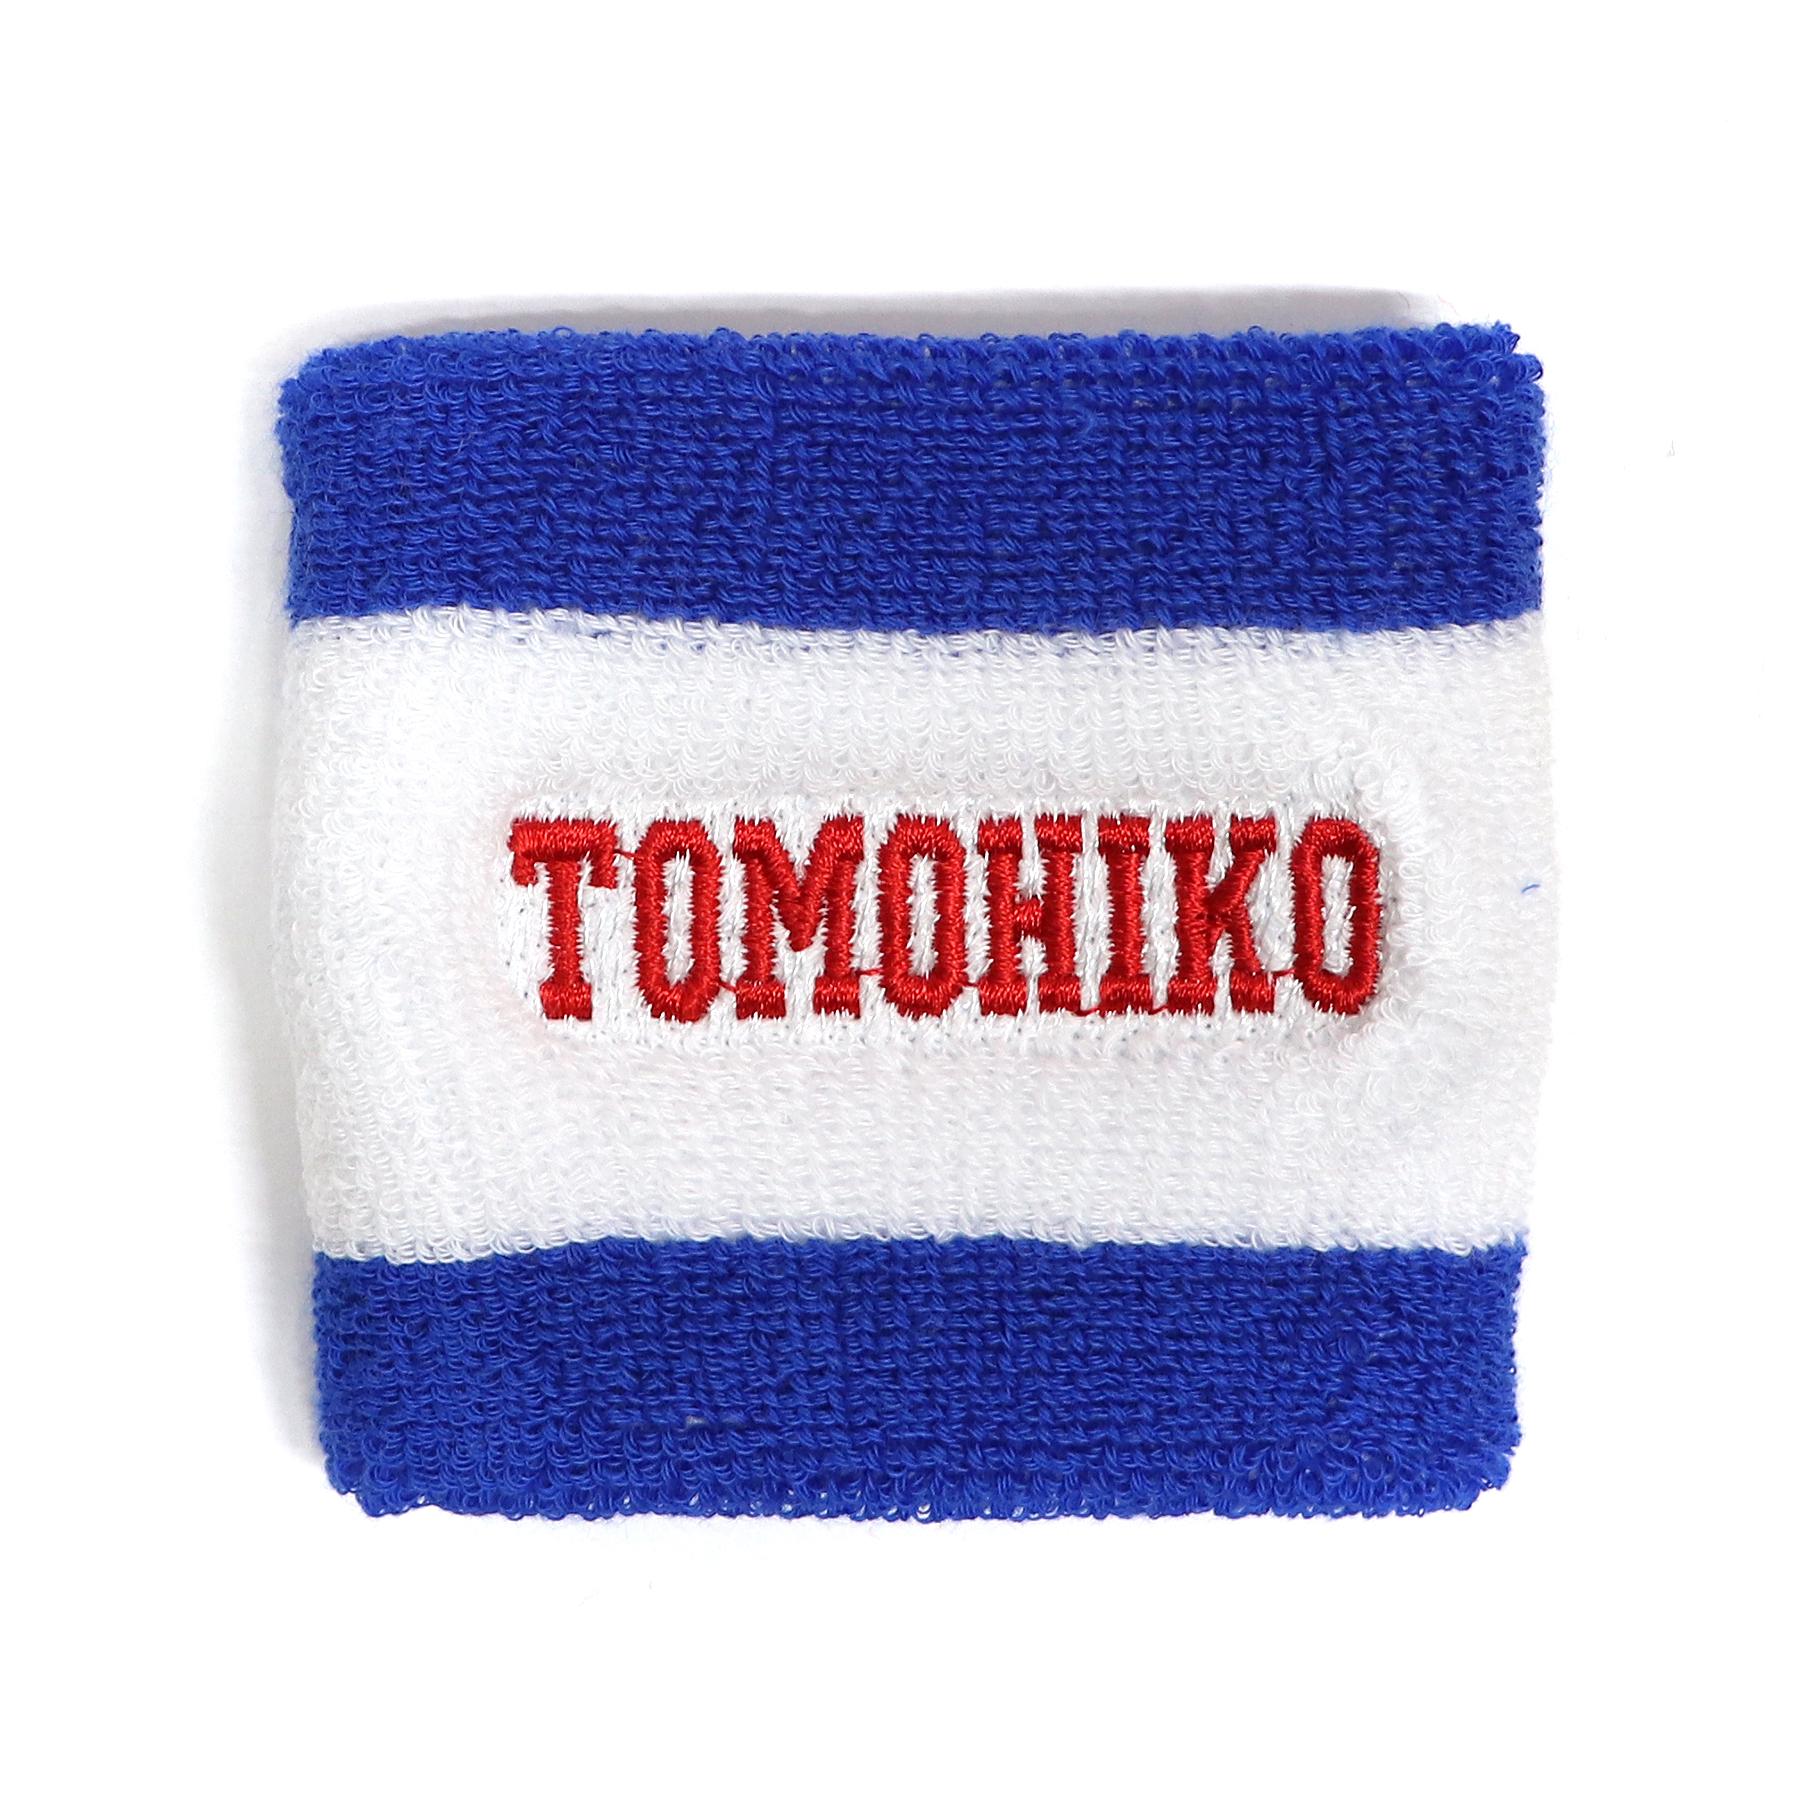 【16695】フォント刺繍/2T-01 ブルー×ホワイト/Fサイズ